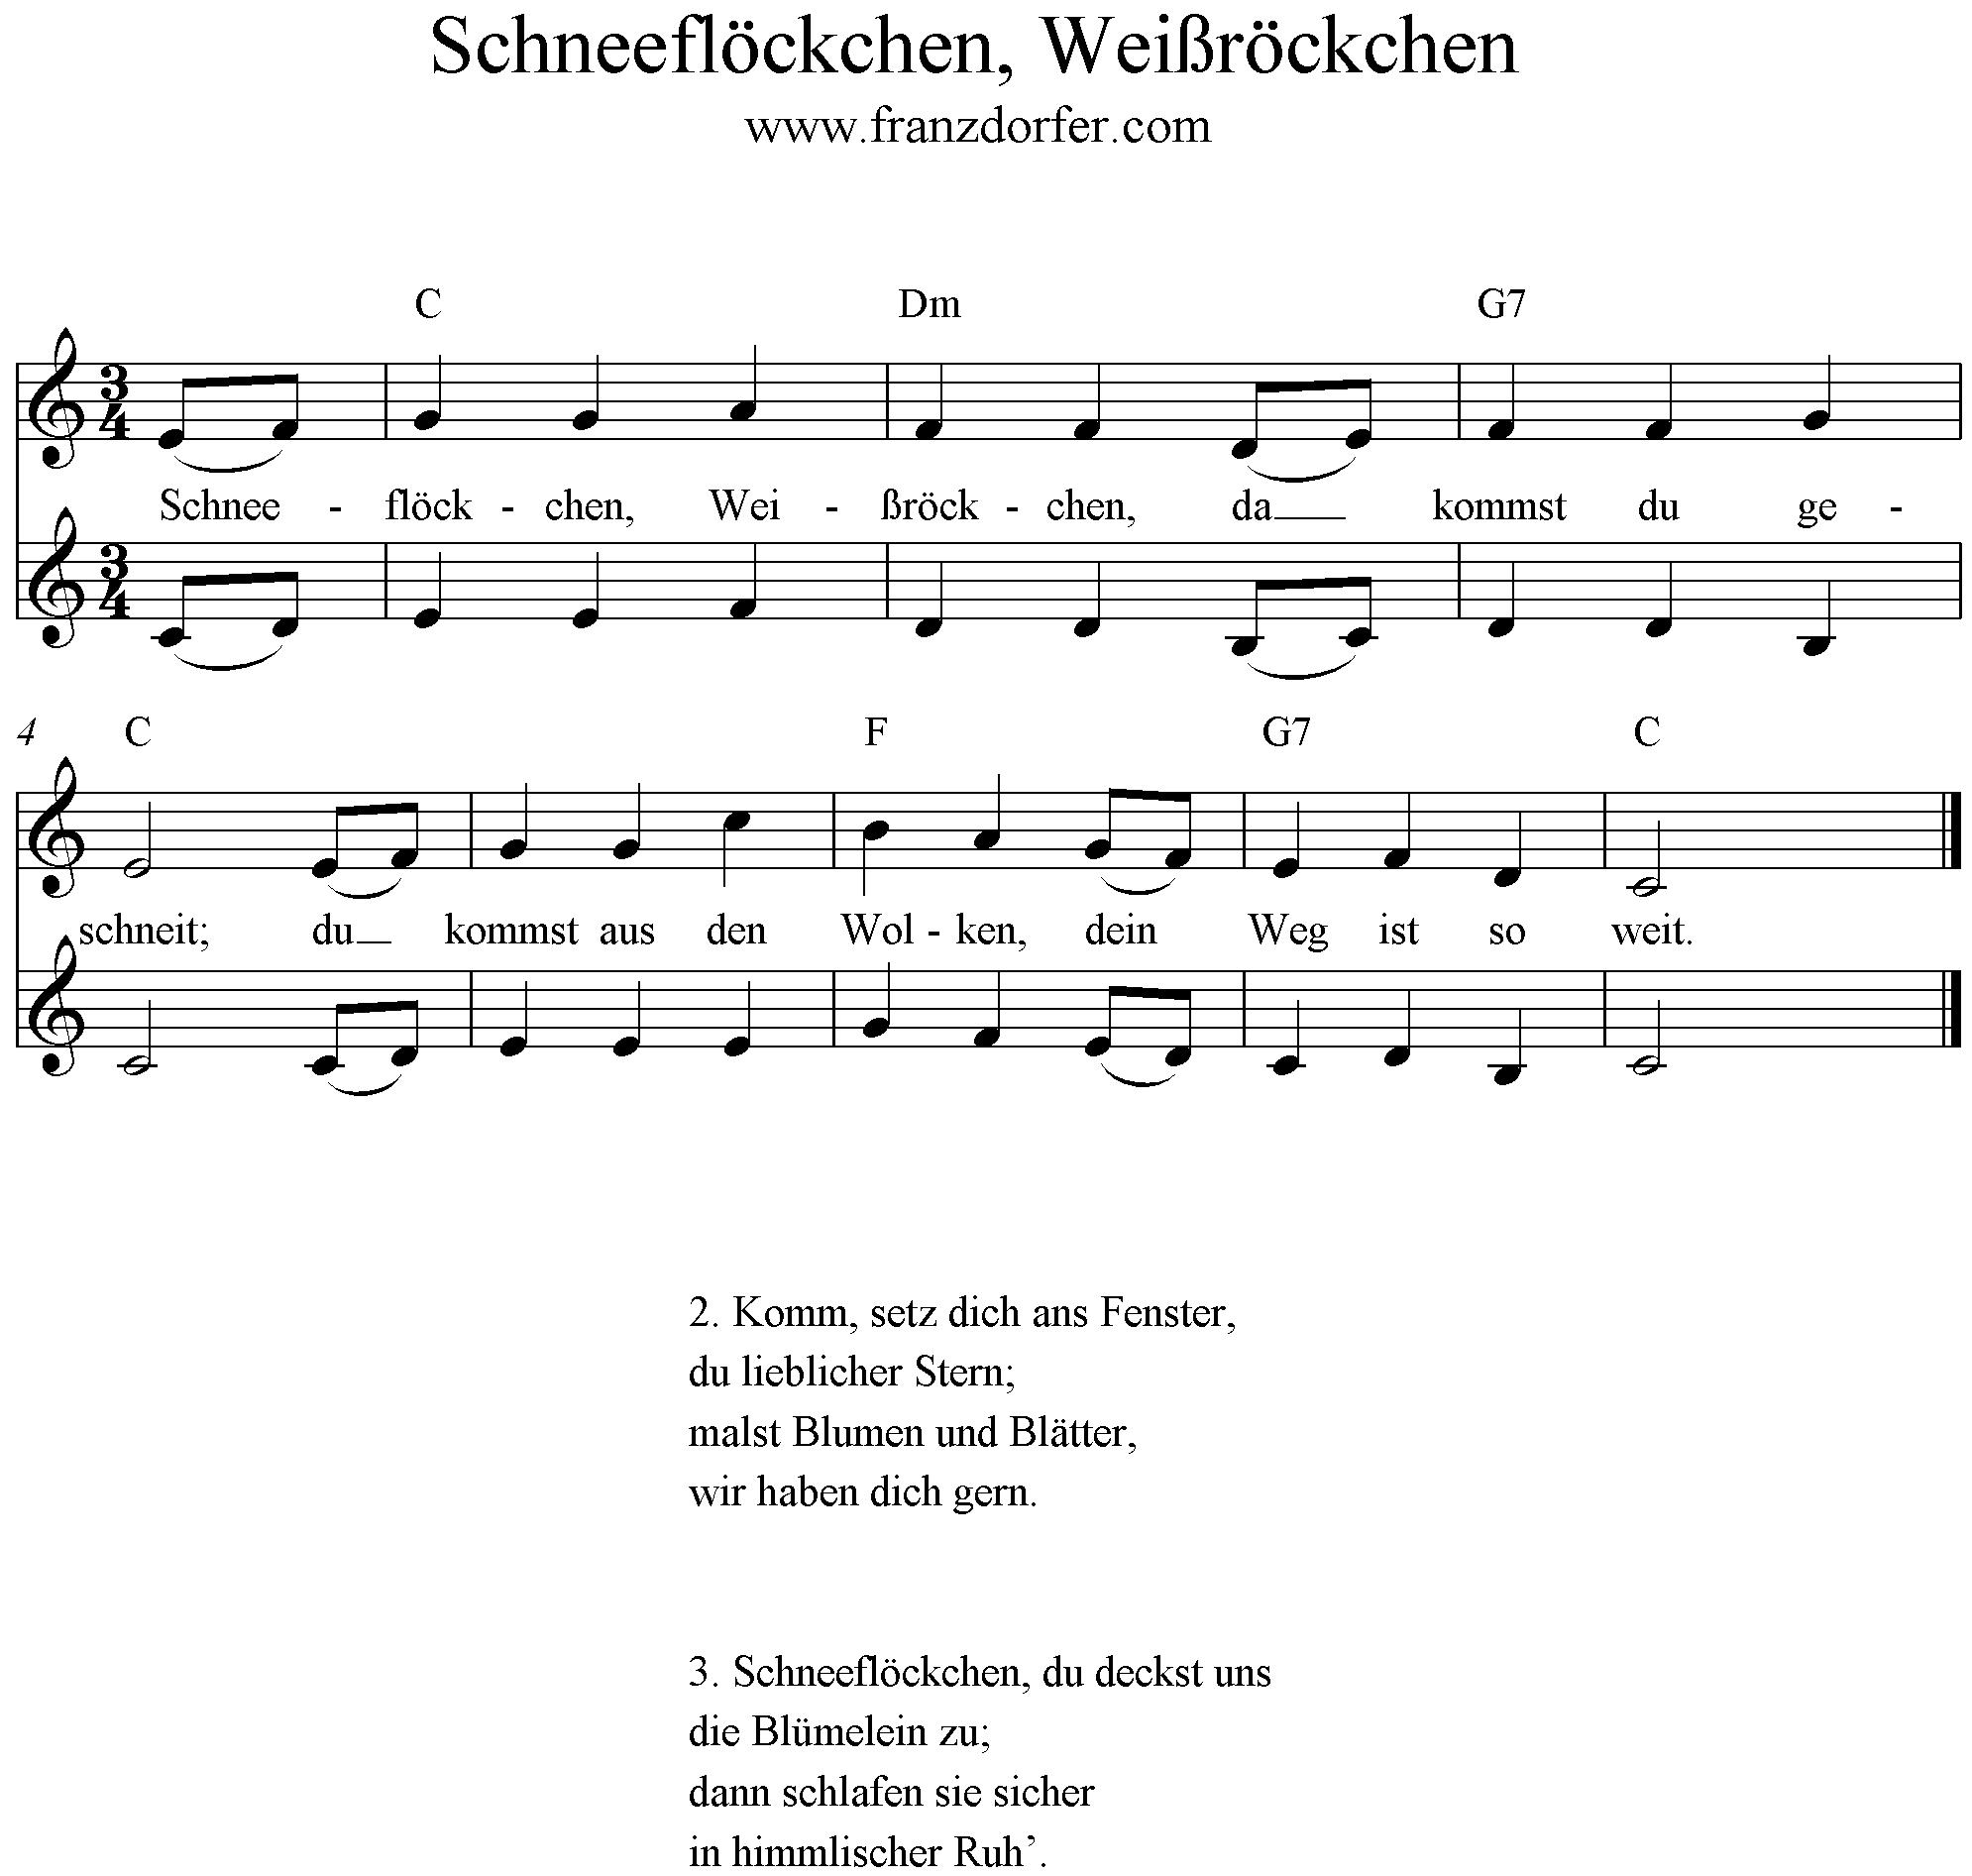 Text Schneeflöckchen Weißröckchen